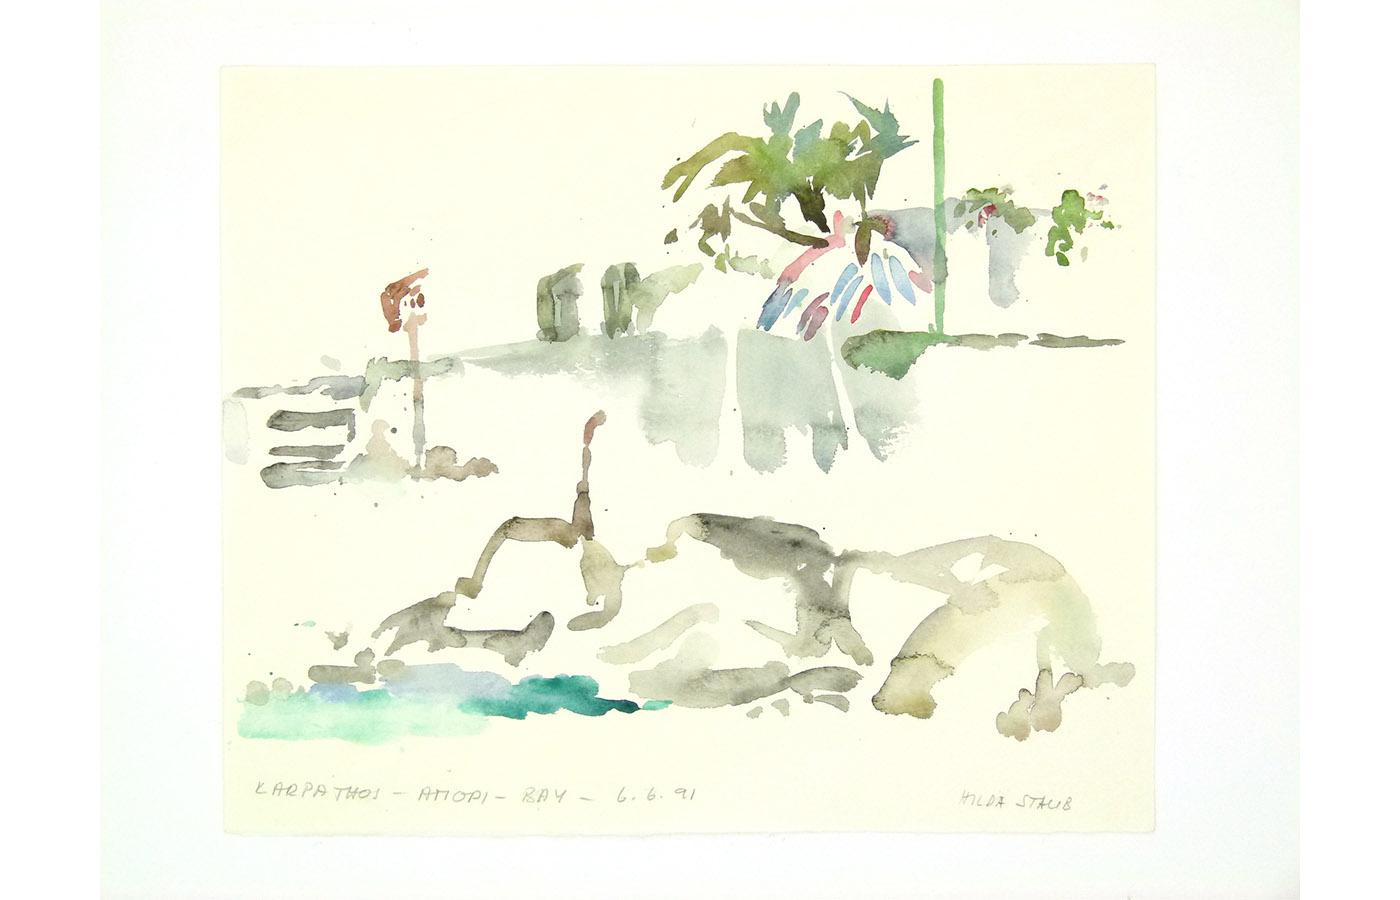 Landschaften und Reisebilder, Aquarell, 1991 bis 1993_0027_L1110046a